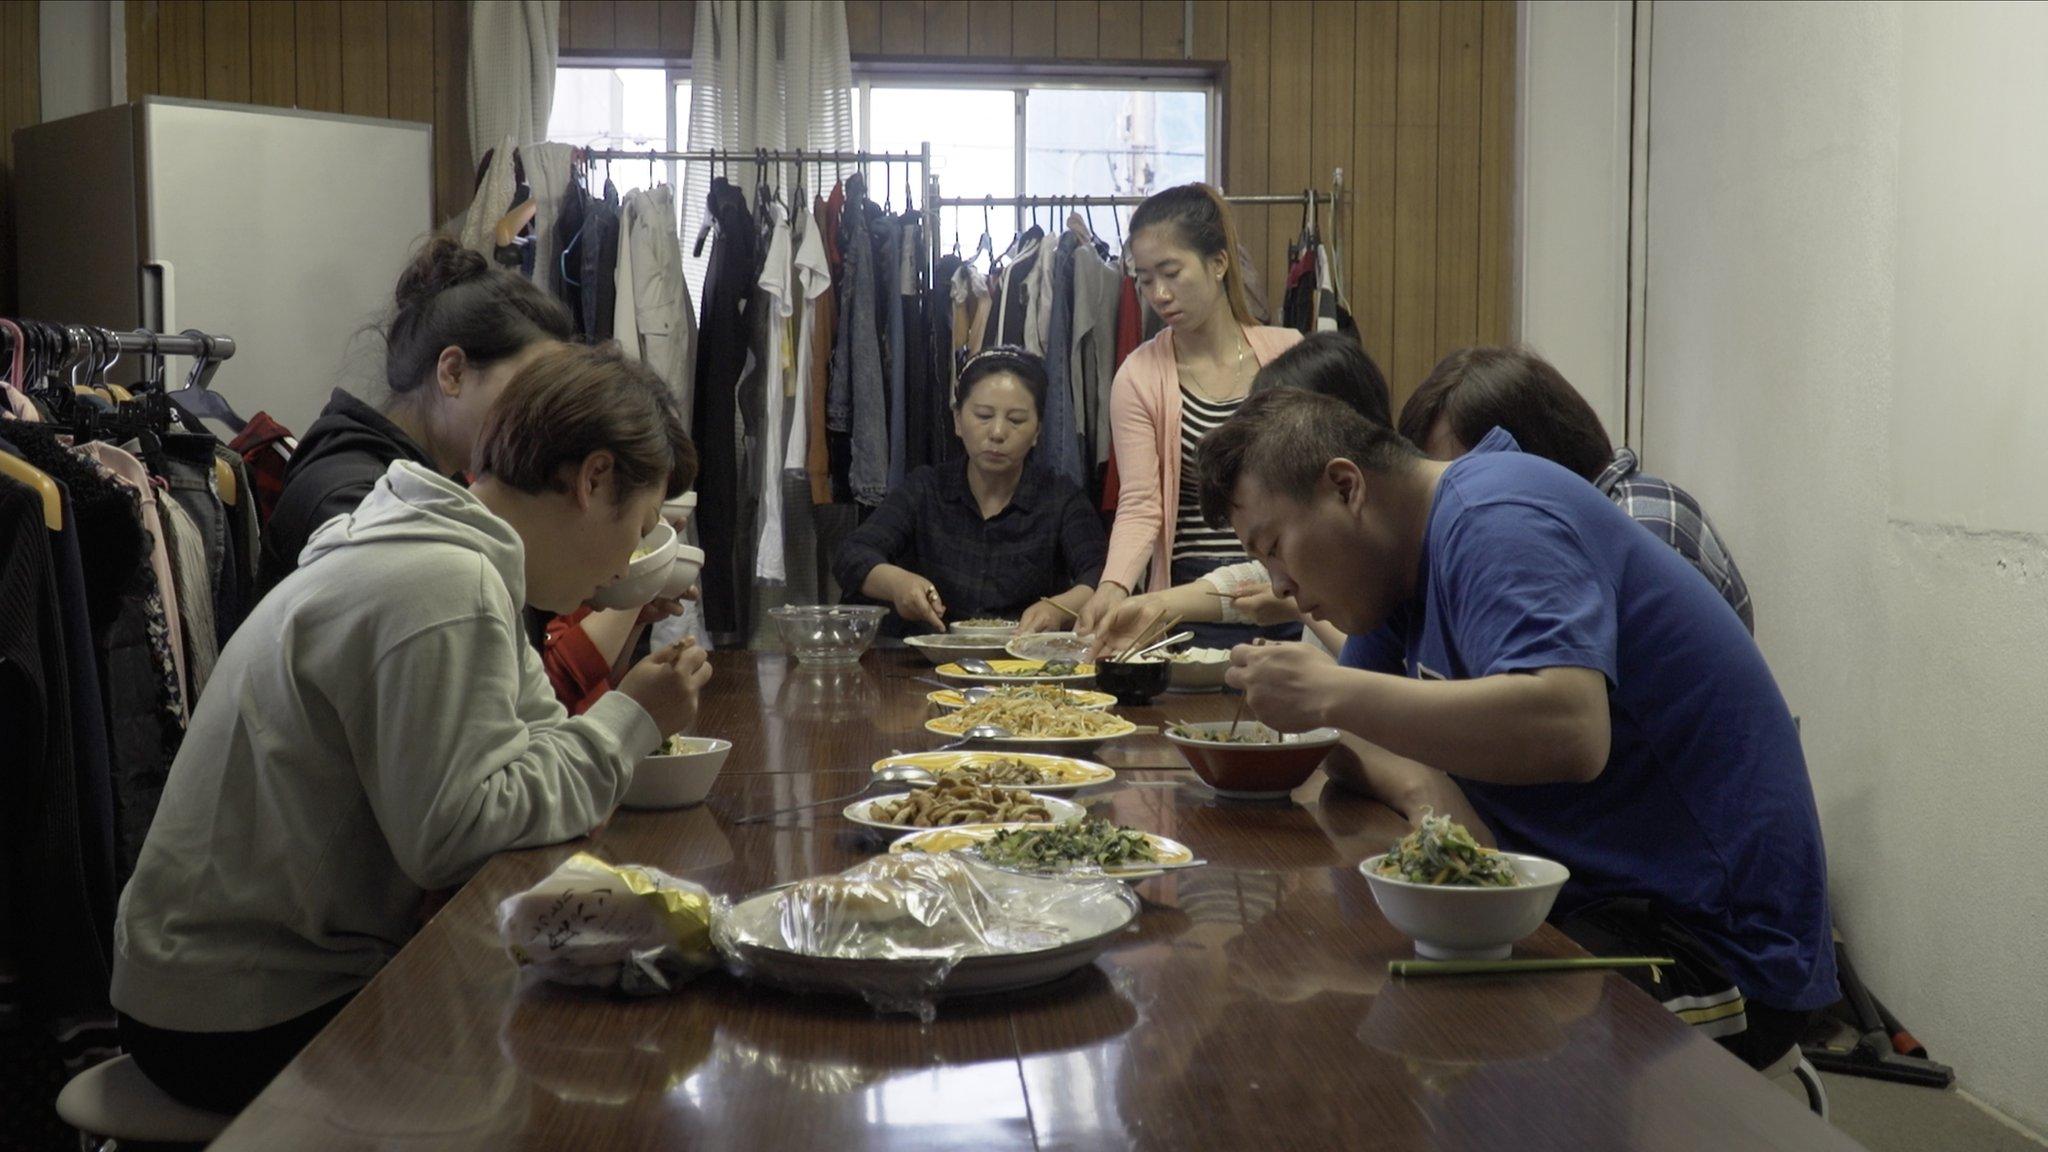 Buruh migran dari Asia di sebuah tempat penampungan di Jepang, duduk sambil makan malam bersama.